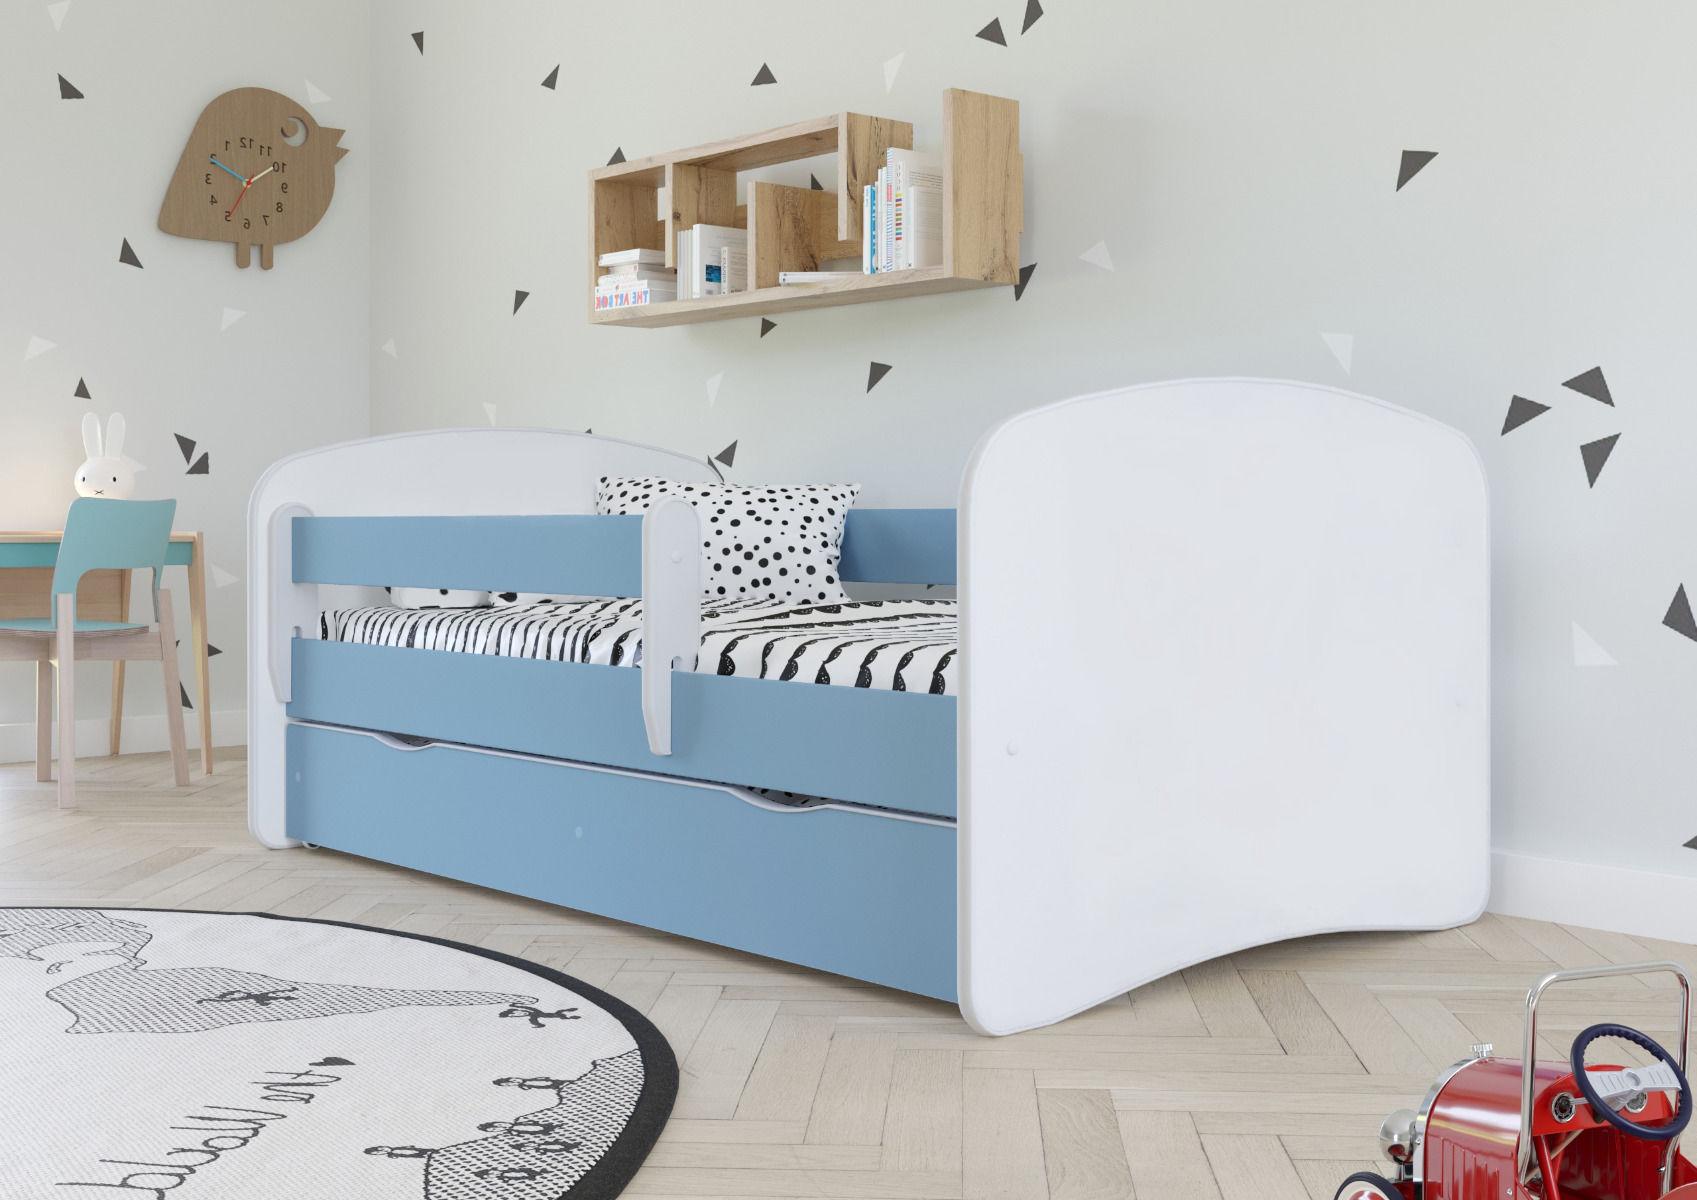 Łóżko dziecięce BABY DREAMS 160x80